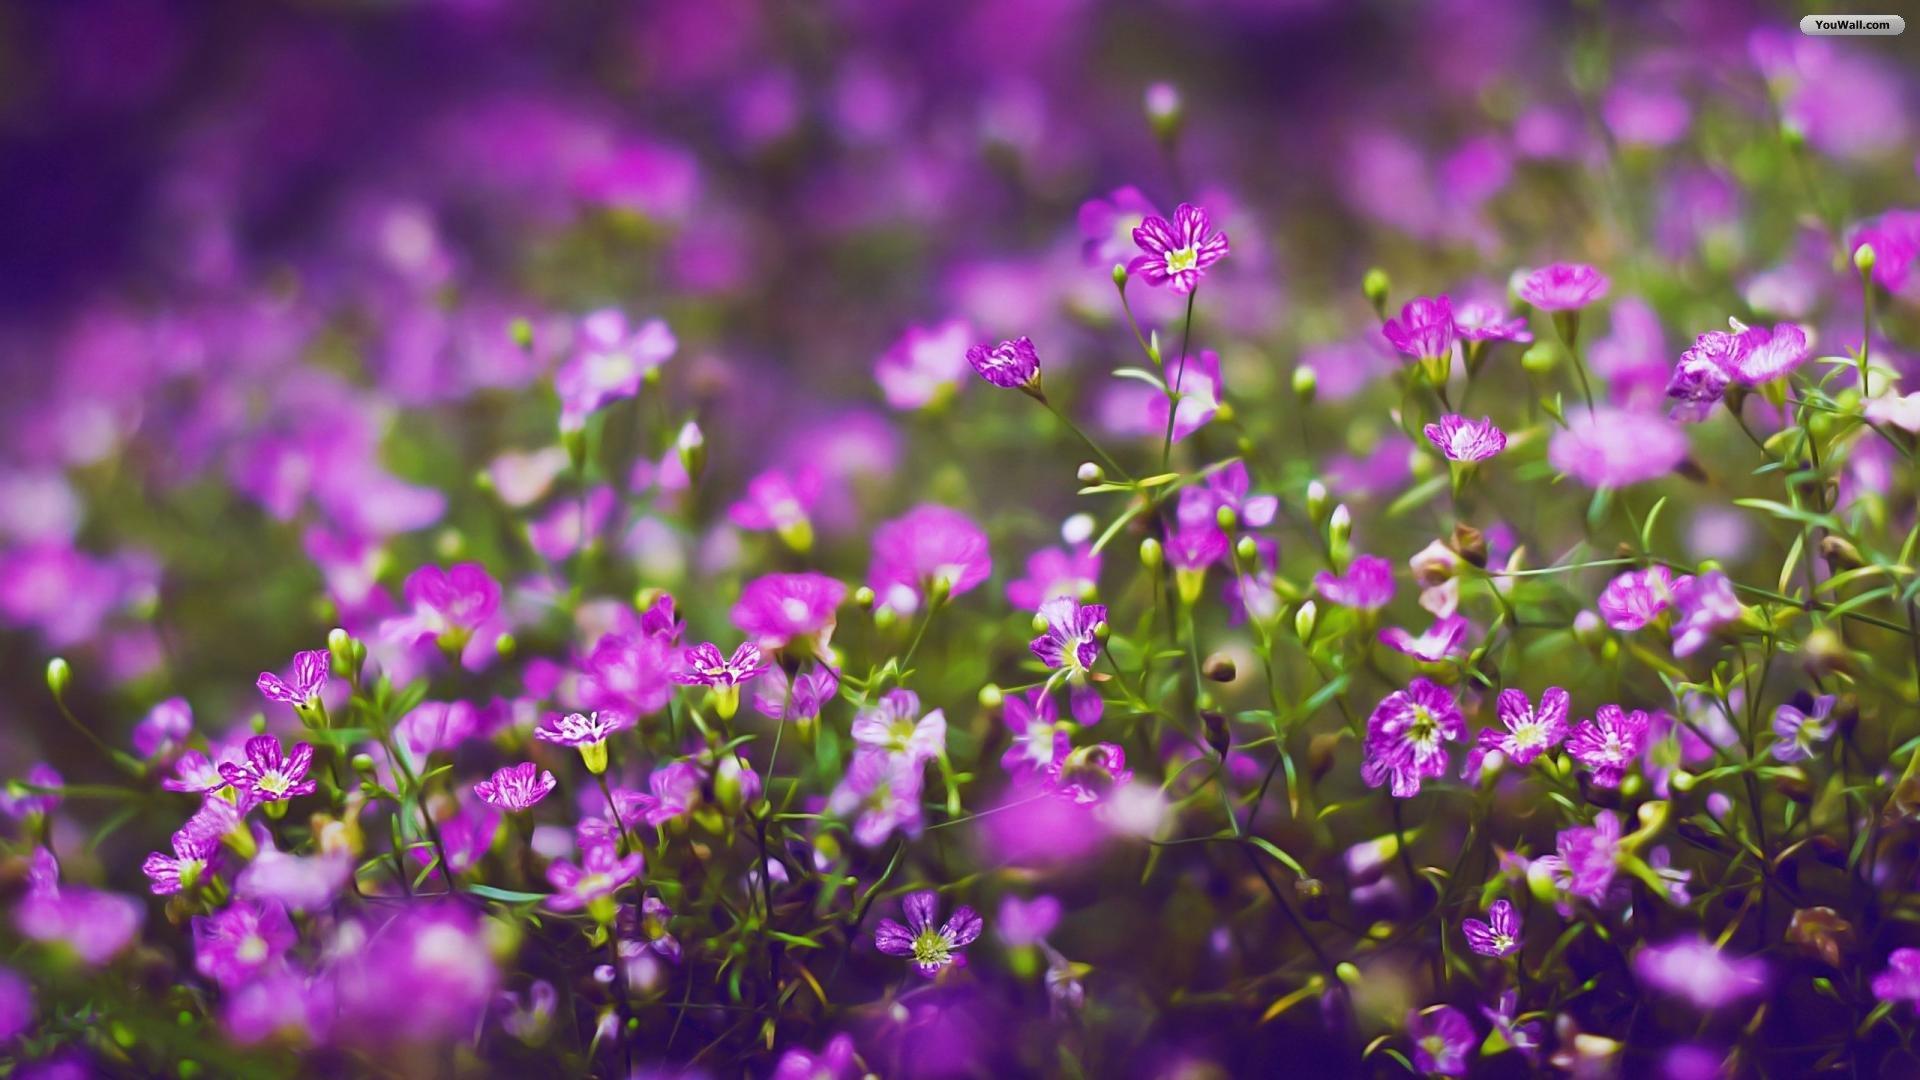 purple flowers wallpaper HD 1920x1080